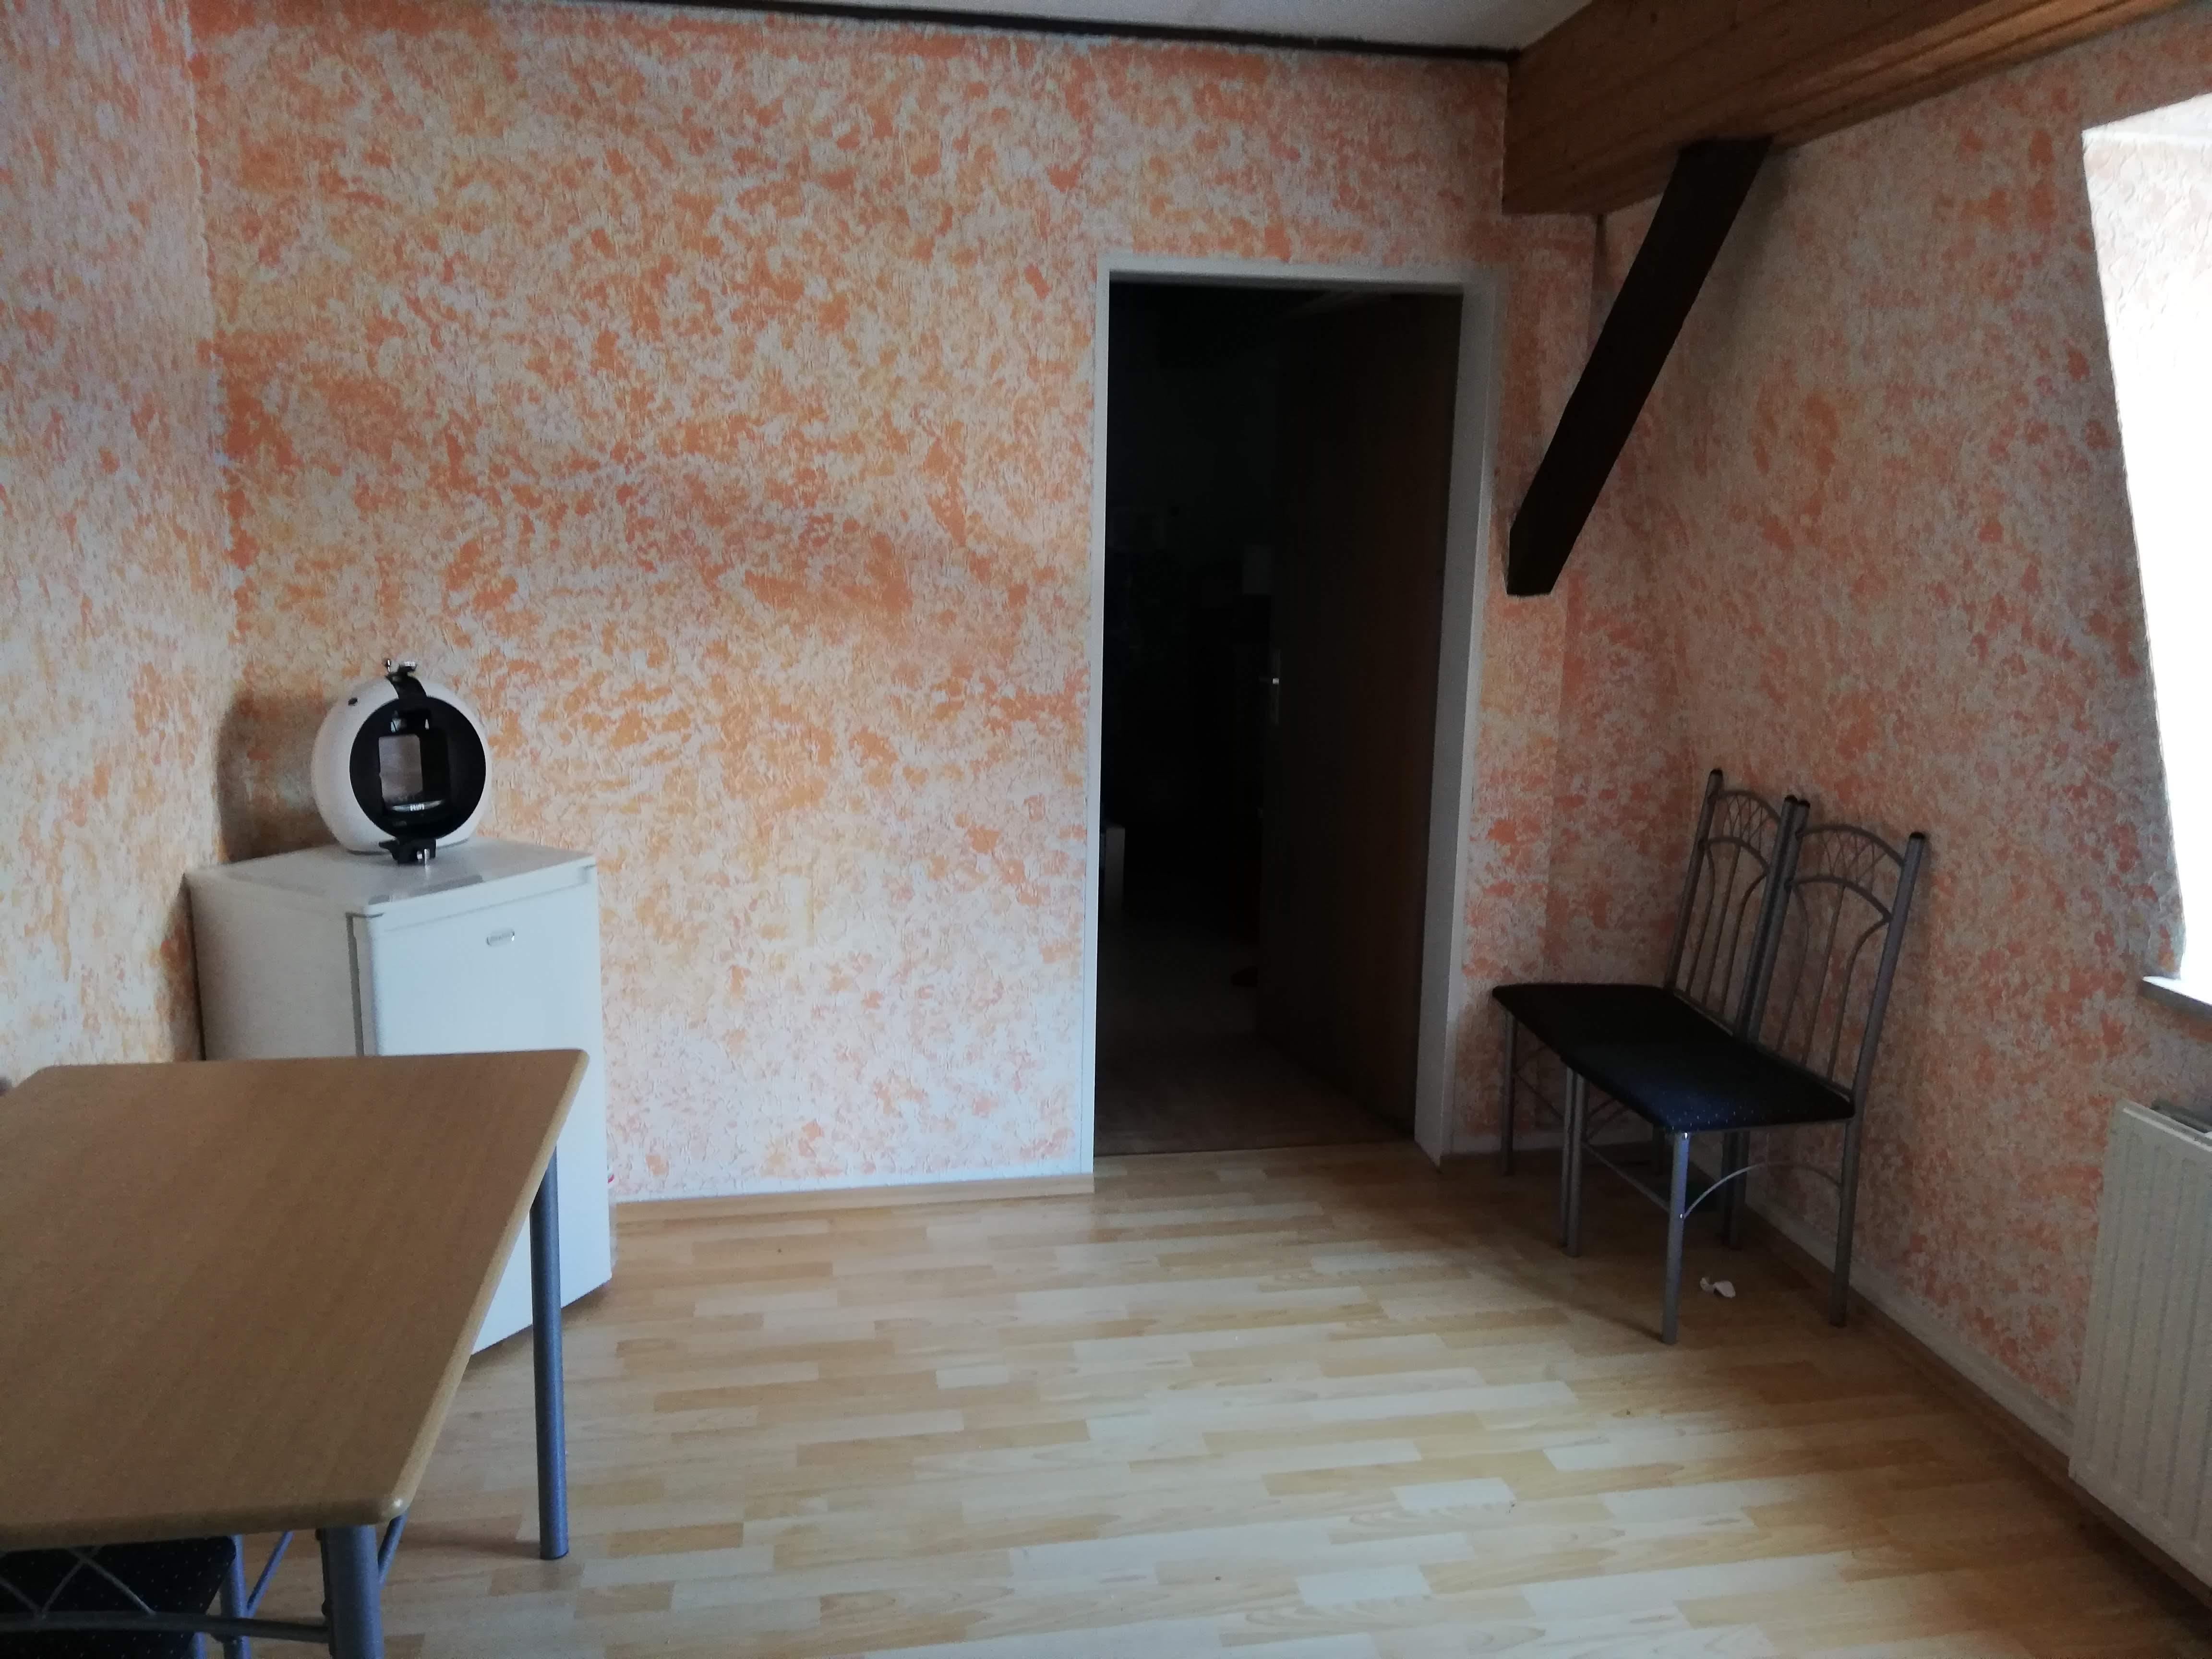 Wohnzimmer Produktonsecke vorher Bild